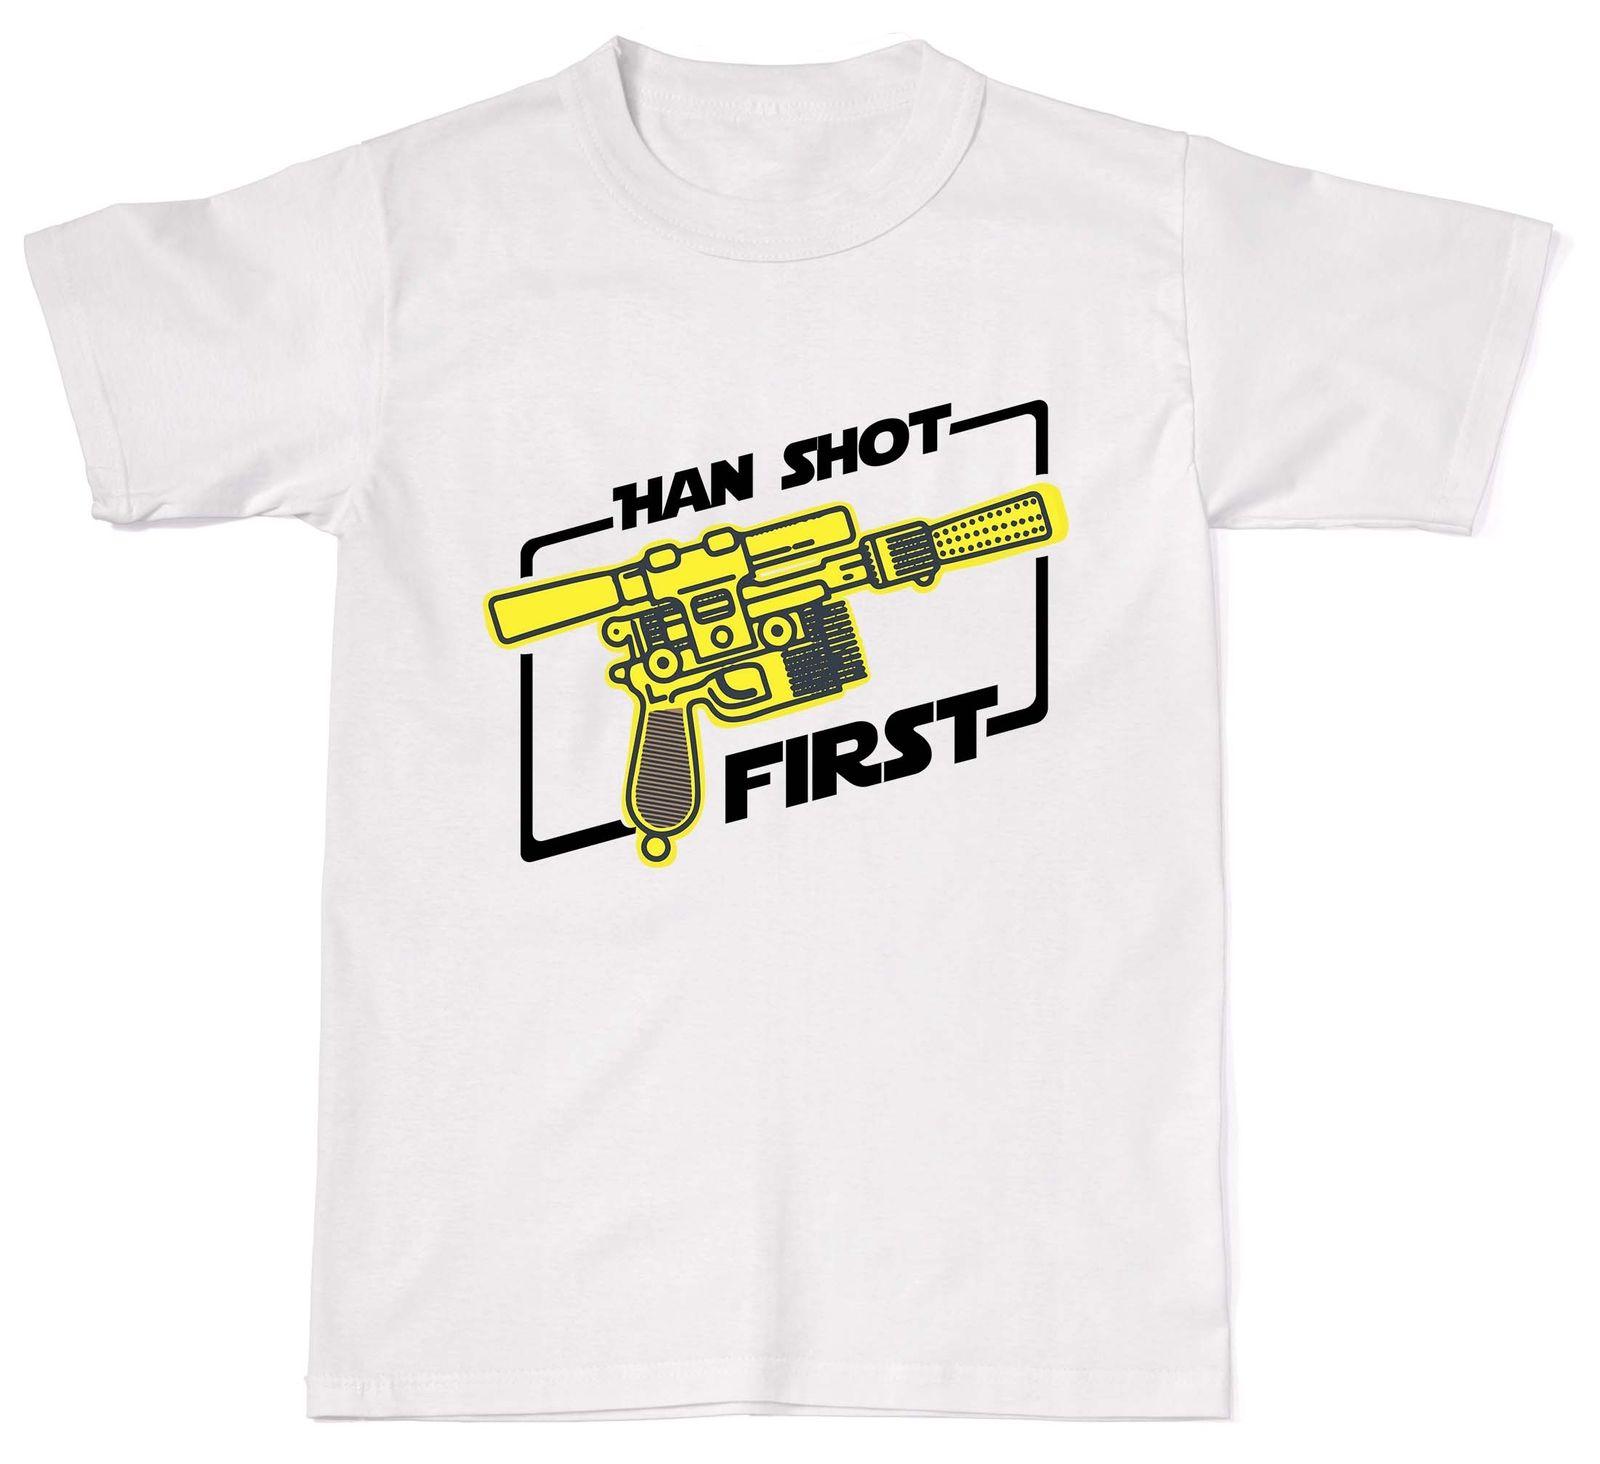 Хан выстрелил впервые Забавный войны фантастика мастер Nerd Solo унисекс футболка хлопок 100% хлопок для человека рубашки